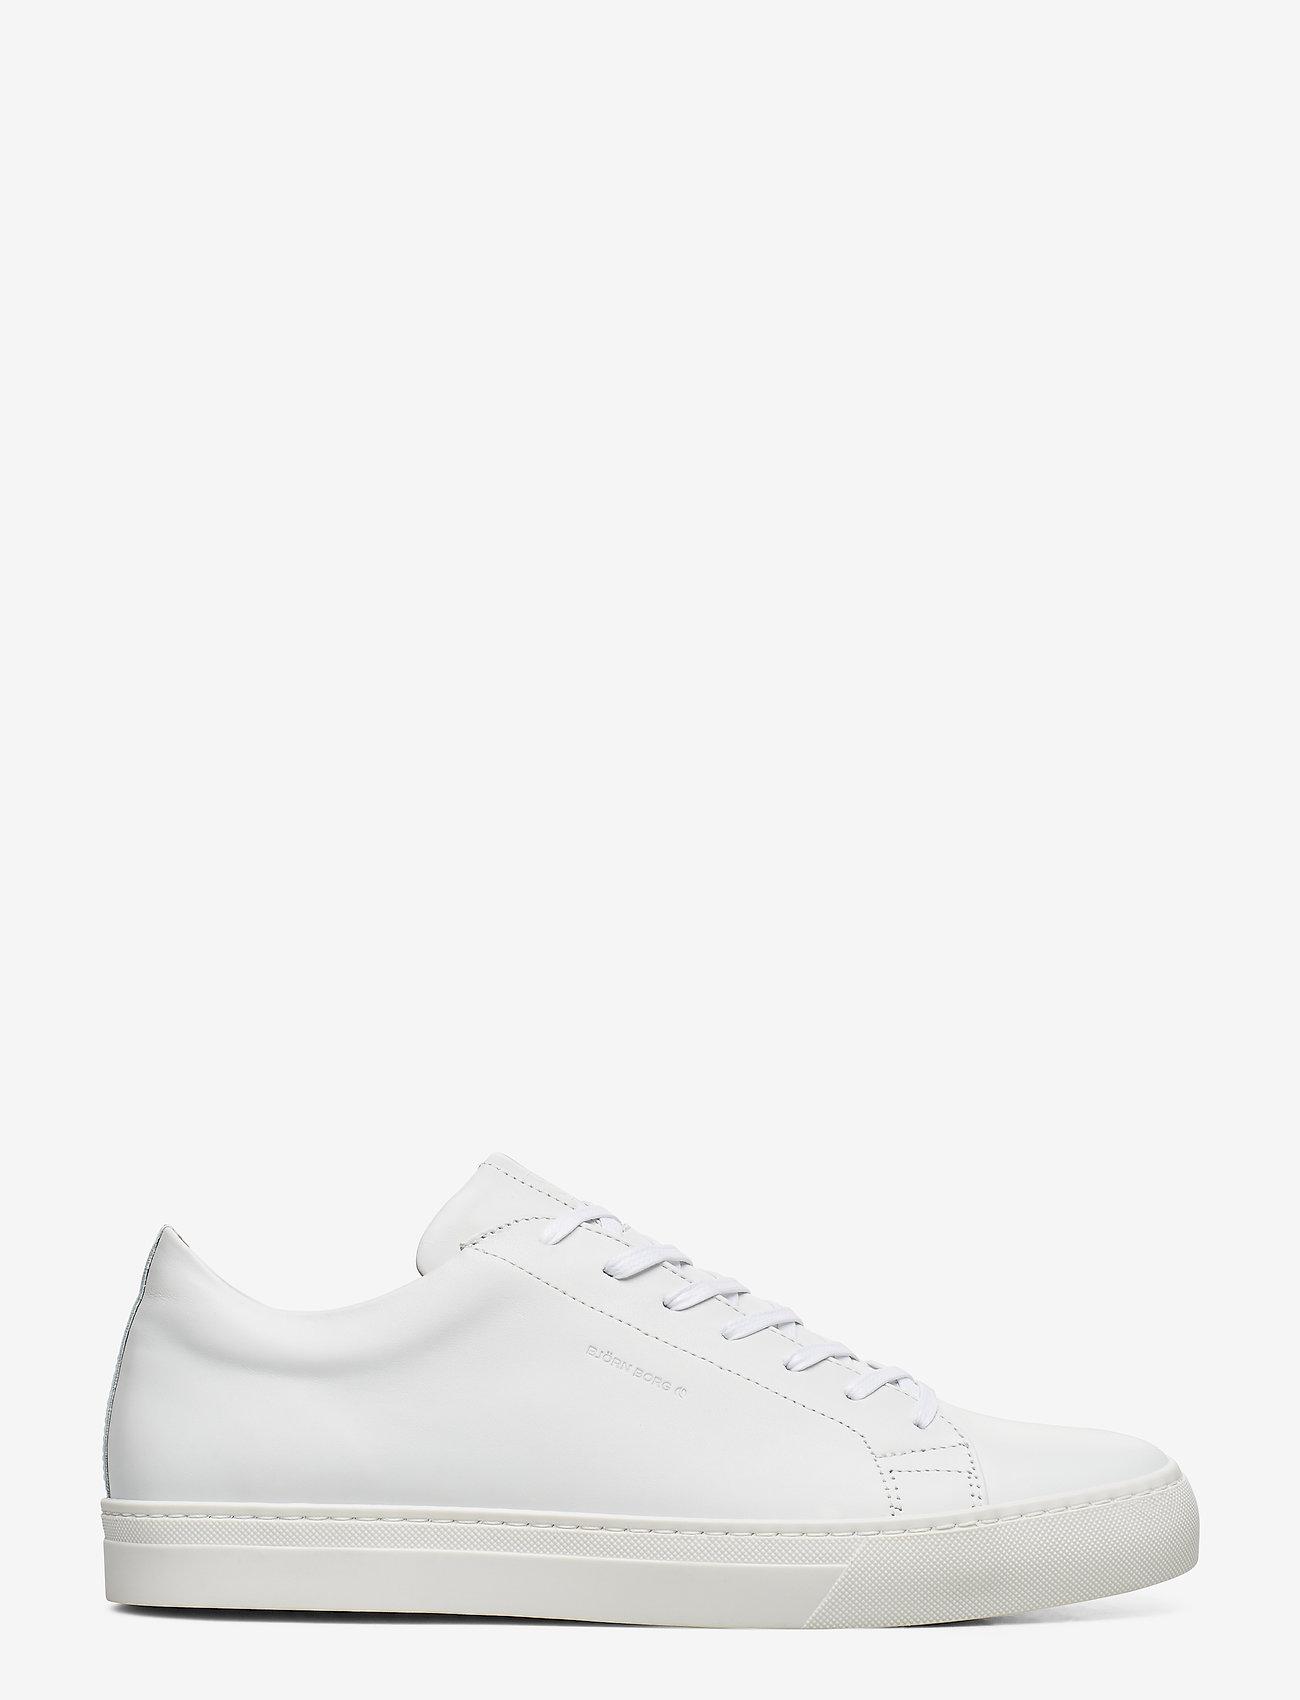 Björn Borg - JORDEN LEA M - laag sneakers - white - 1